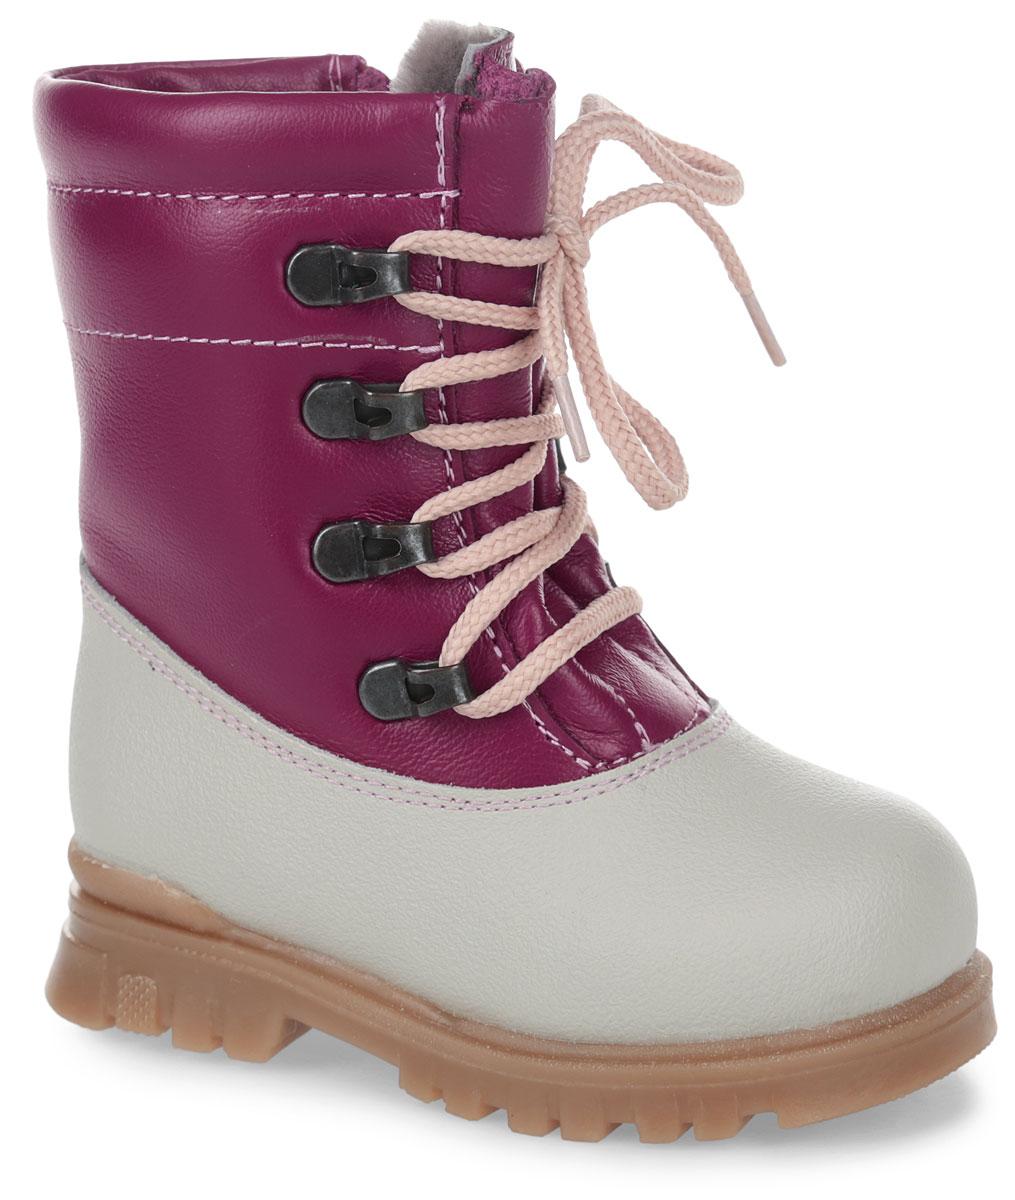 Ботинки для девочки Зебра, цвет: розовый. 11185-9. Размер 2511185-9Модные ботинки от Зебра заинтересуют вашу девочку с первого взгляда! Модель выполнена из натуральной кожи. Шнуровка надежно зафиксирует модель на ноге. Боковая застежка-молния позволяет легко снимать и надевать модель. Подкладка и стелька из натурального меха не дадут ногам замерзнуть. Подошва дополнена рифлением.